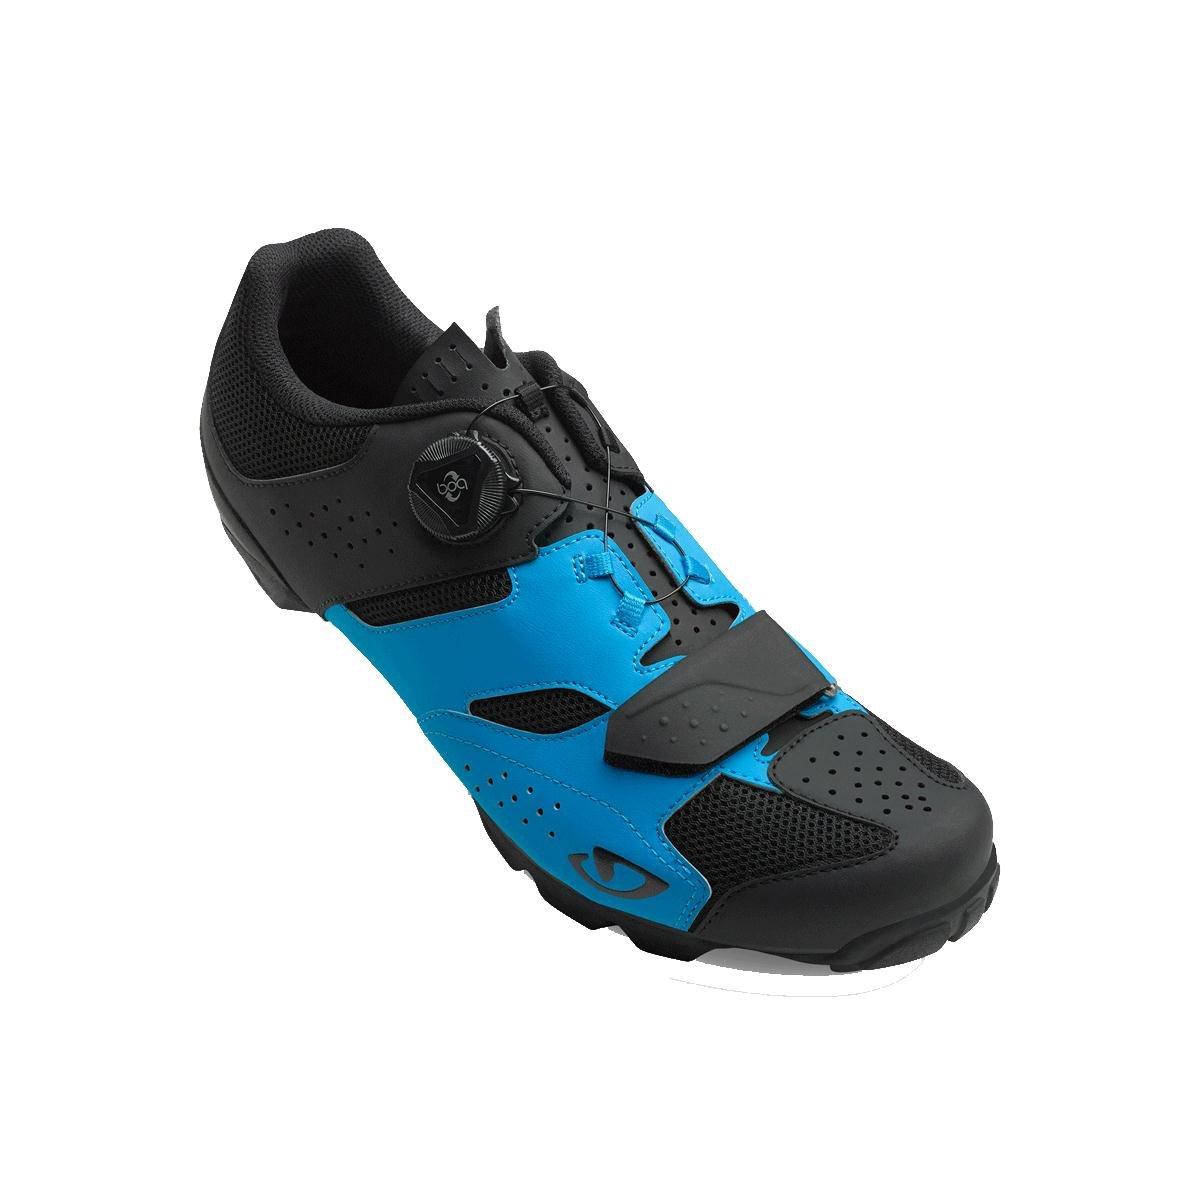 Giro Herren Cylinder MTB Mountainbike Schuhe blau schwarz